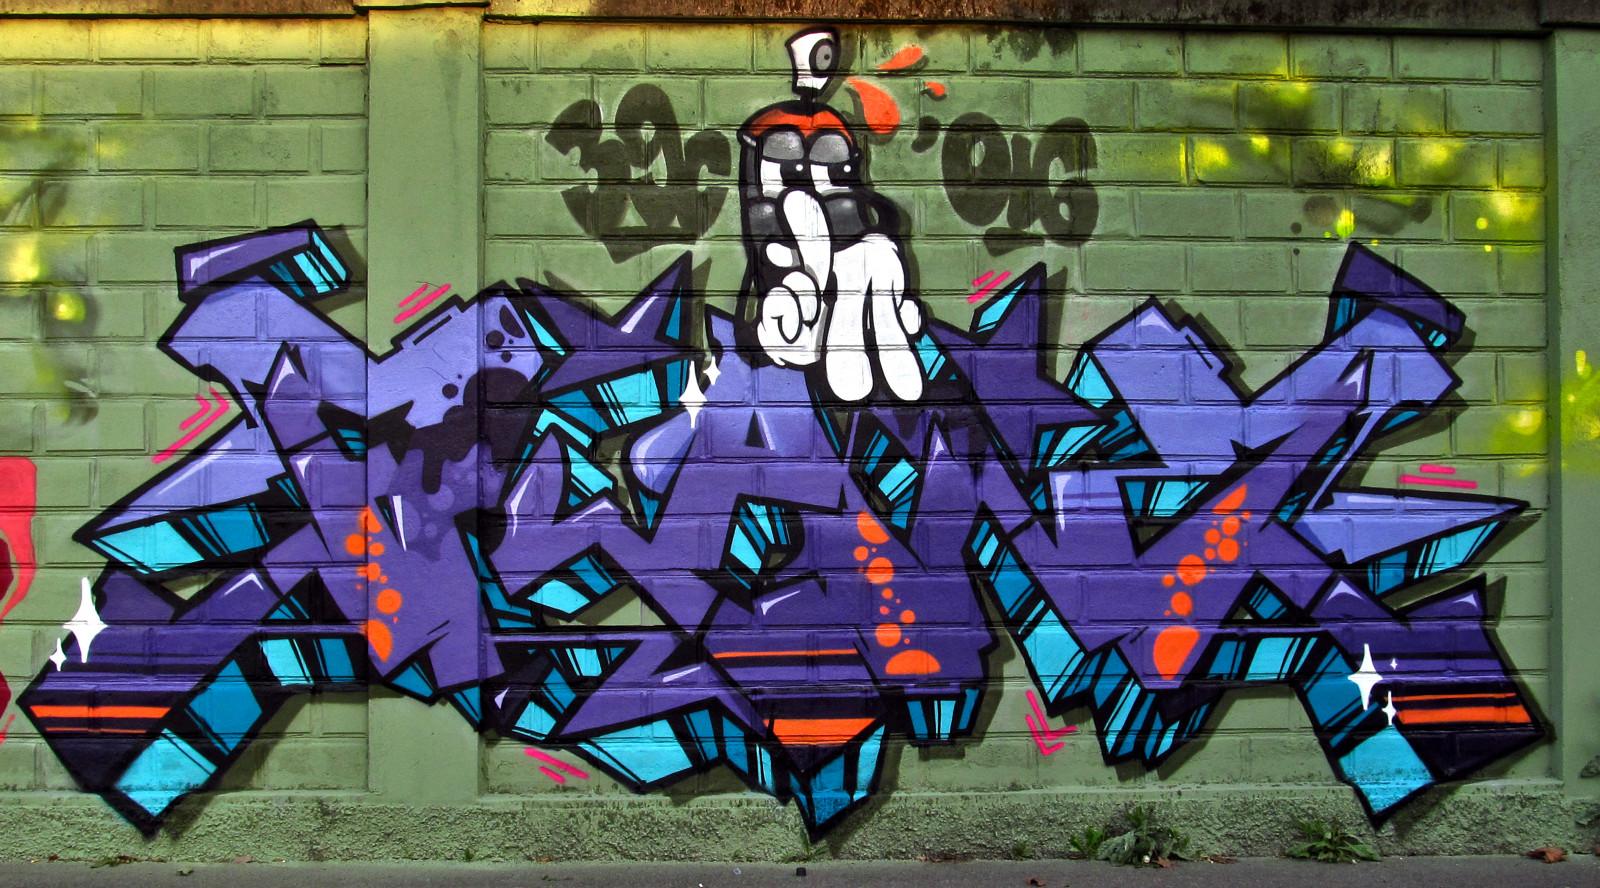 Sfondi nero donne città cielo parete verde cartone